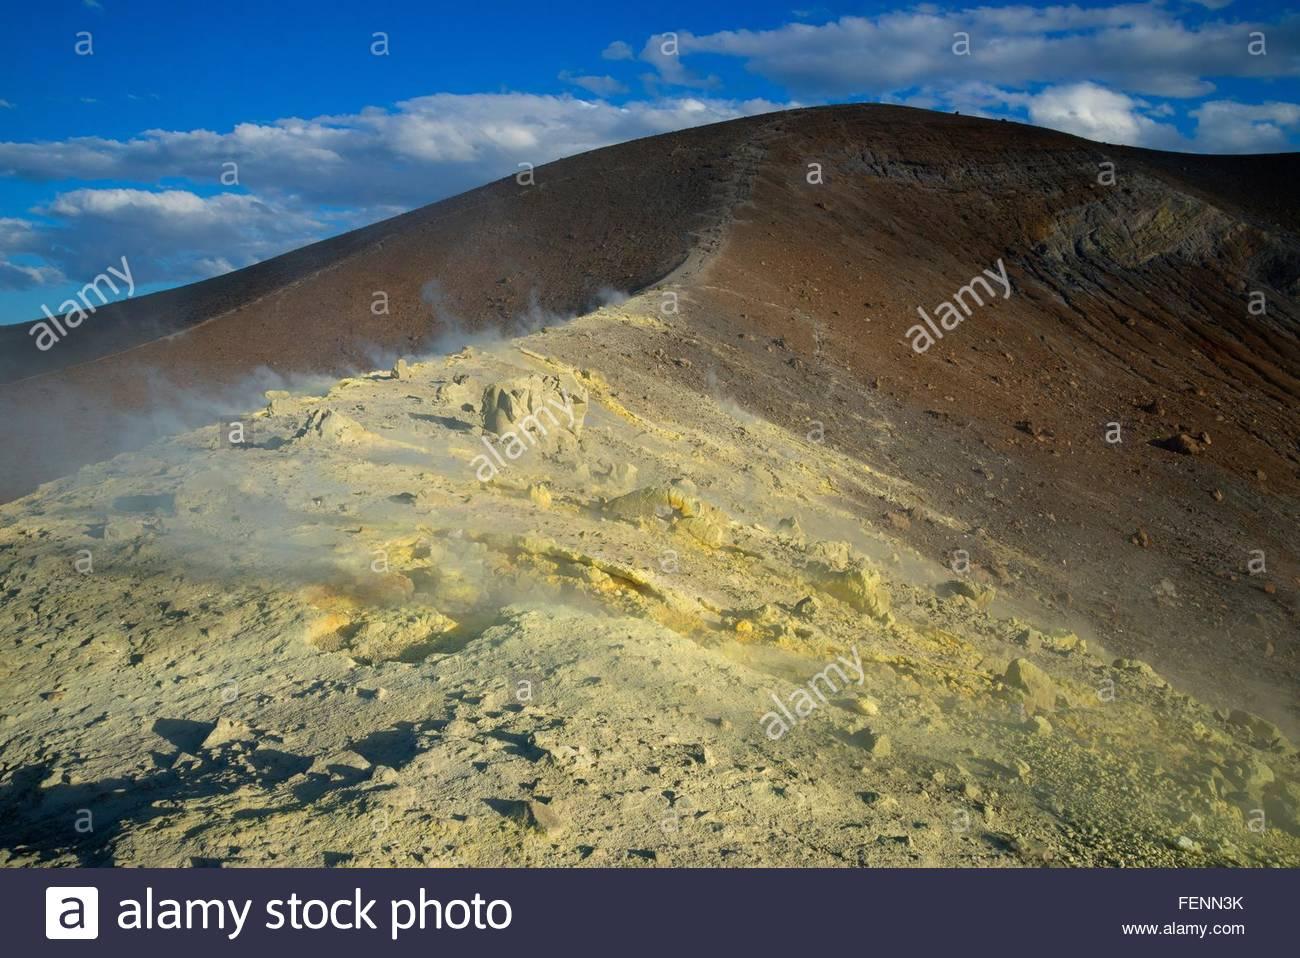 Du soufre et de la fumée au Gran Cratere fumerolles, île de Vulcano, Iles Eoliennes, Sicile, Italie Photo Stock